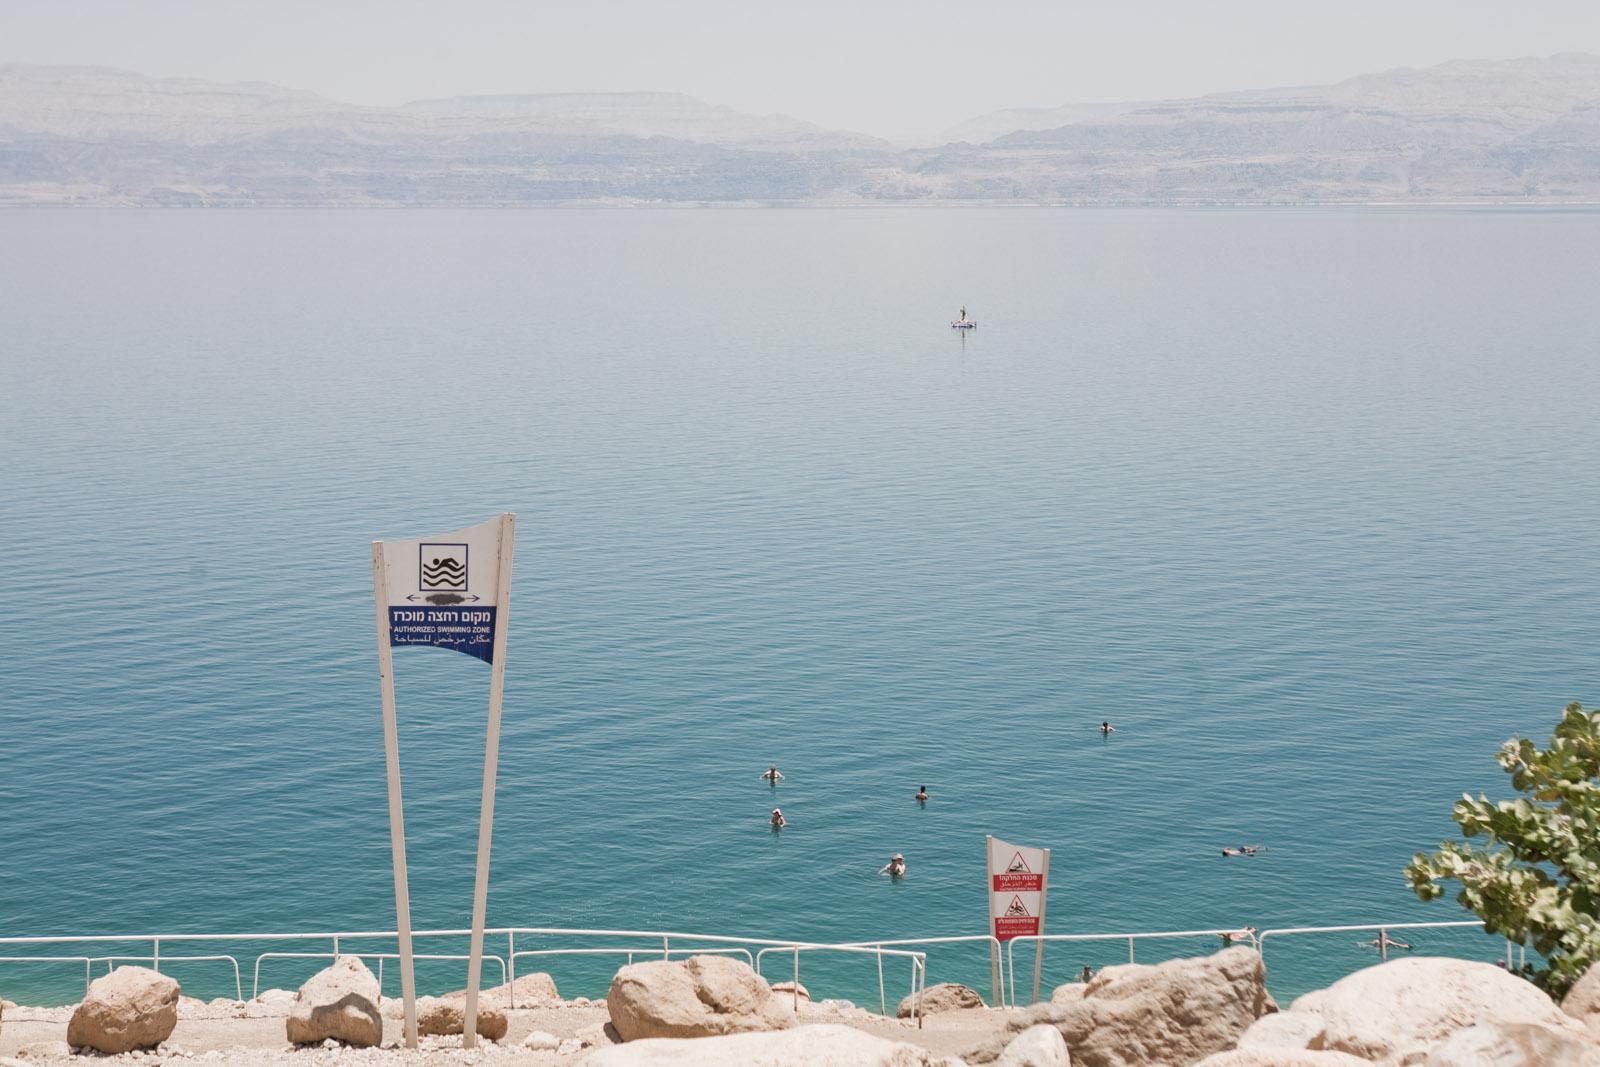 L'accès au lieu de baignade de la Mer Morte, en bas du kibbutz Ein Guedi.